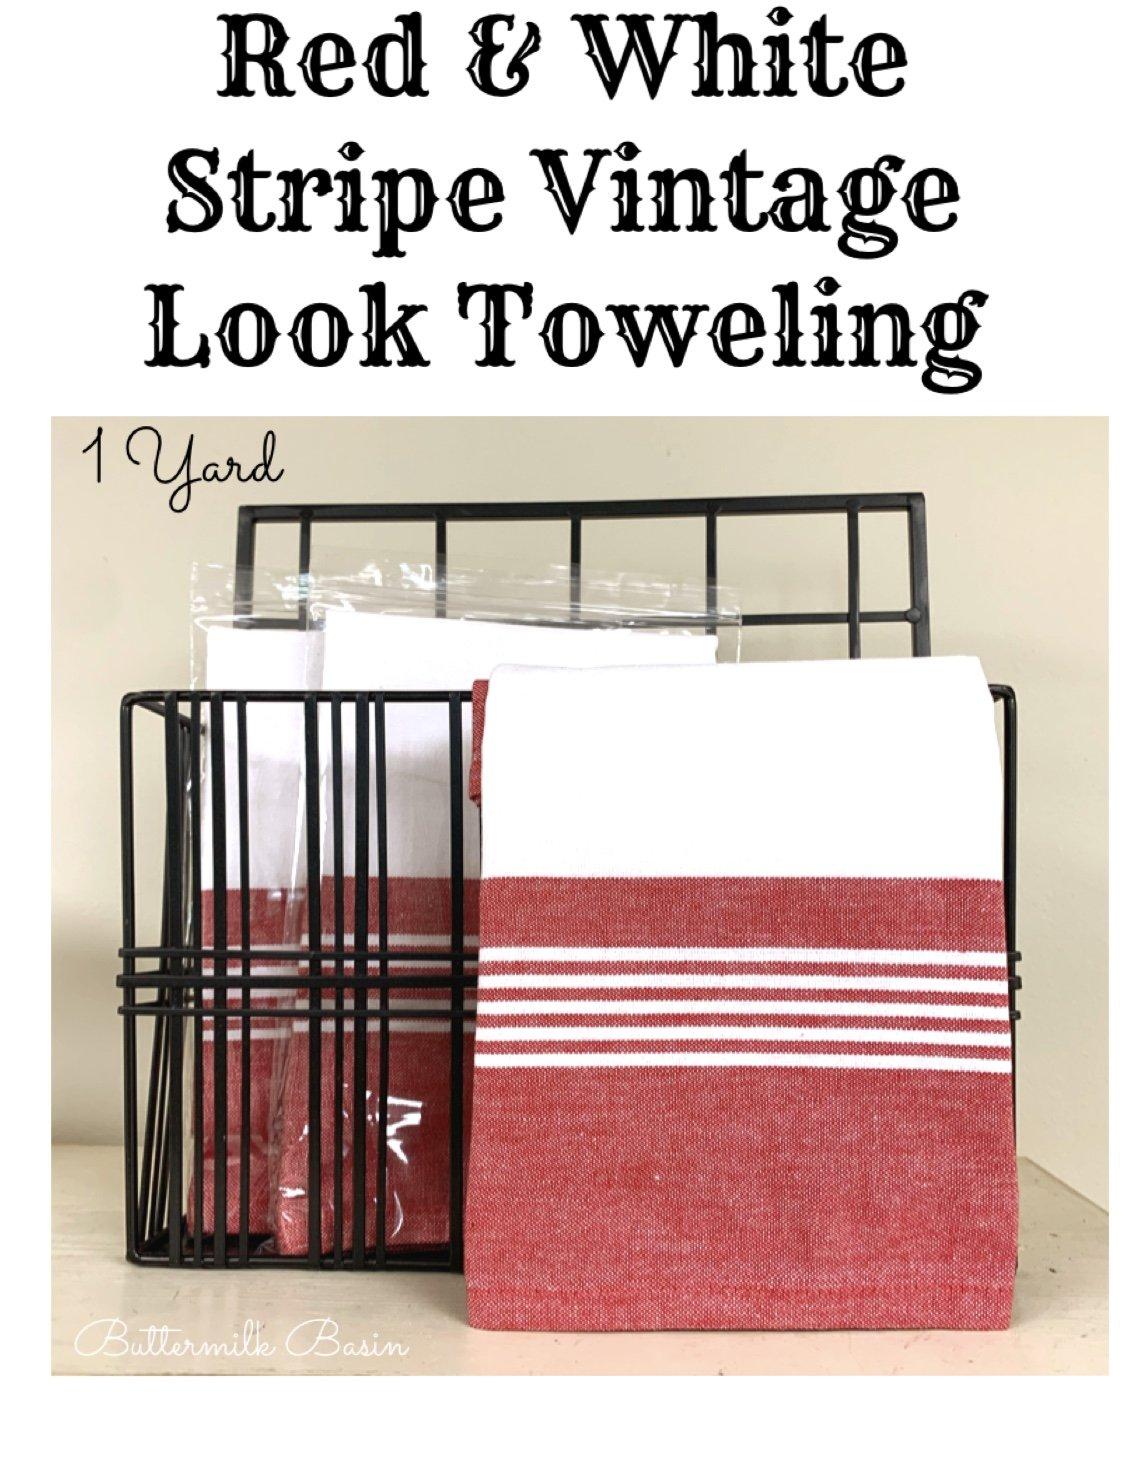 Red & White Stripe Vintage Look Toweling